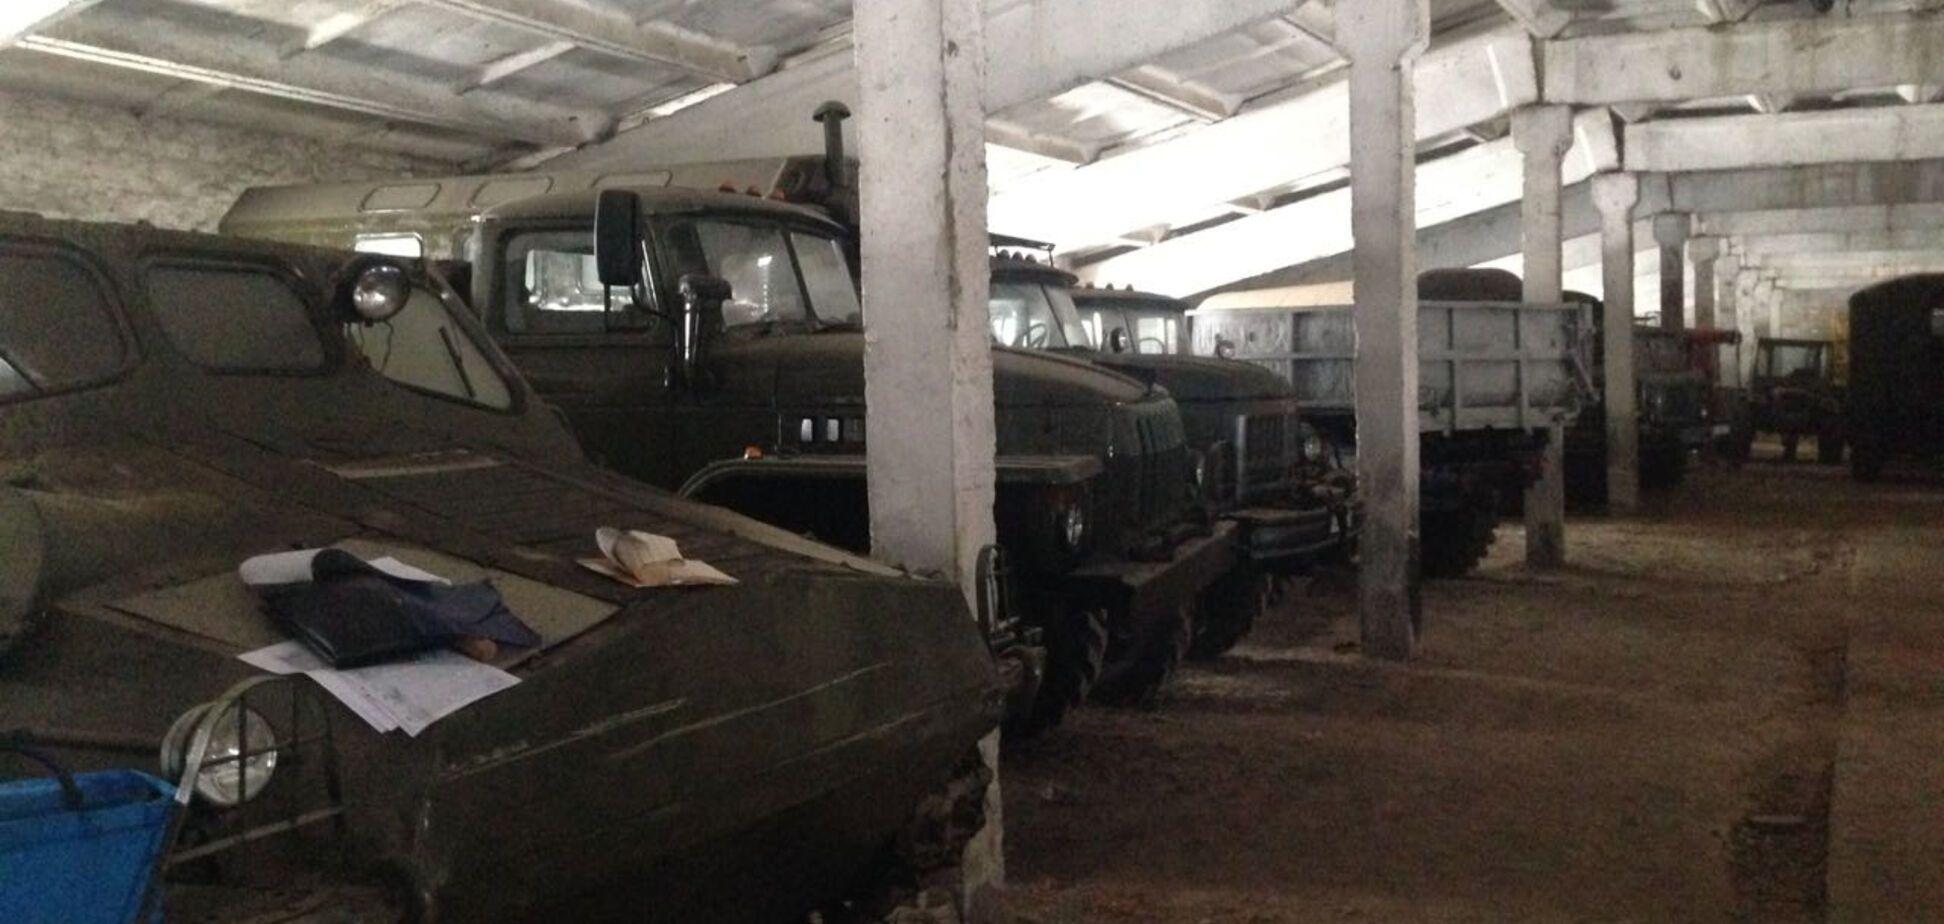 Поки йде війна: на Житомирщині знайшли вкрадену у армії техніку